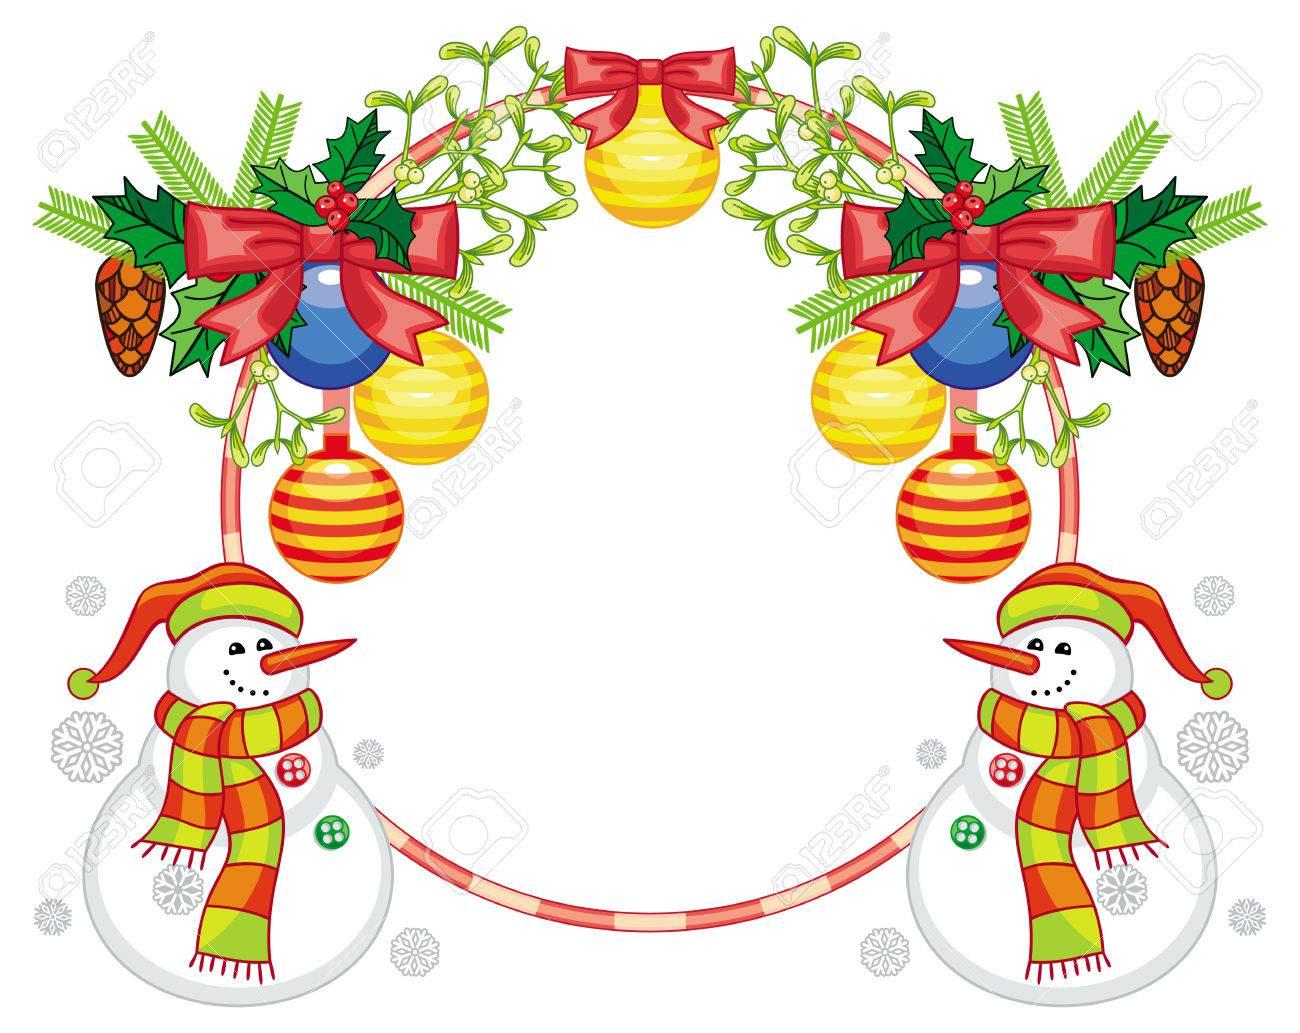 クリスマスの飾りと雪だるまラウンド フレーム。クリスマス デザイン要素